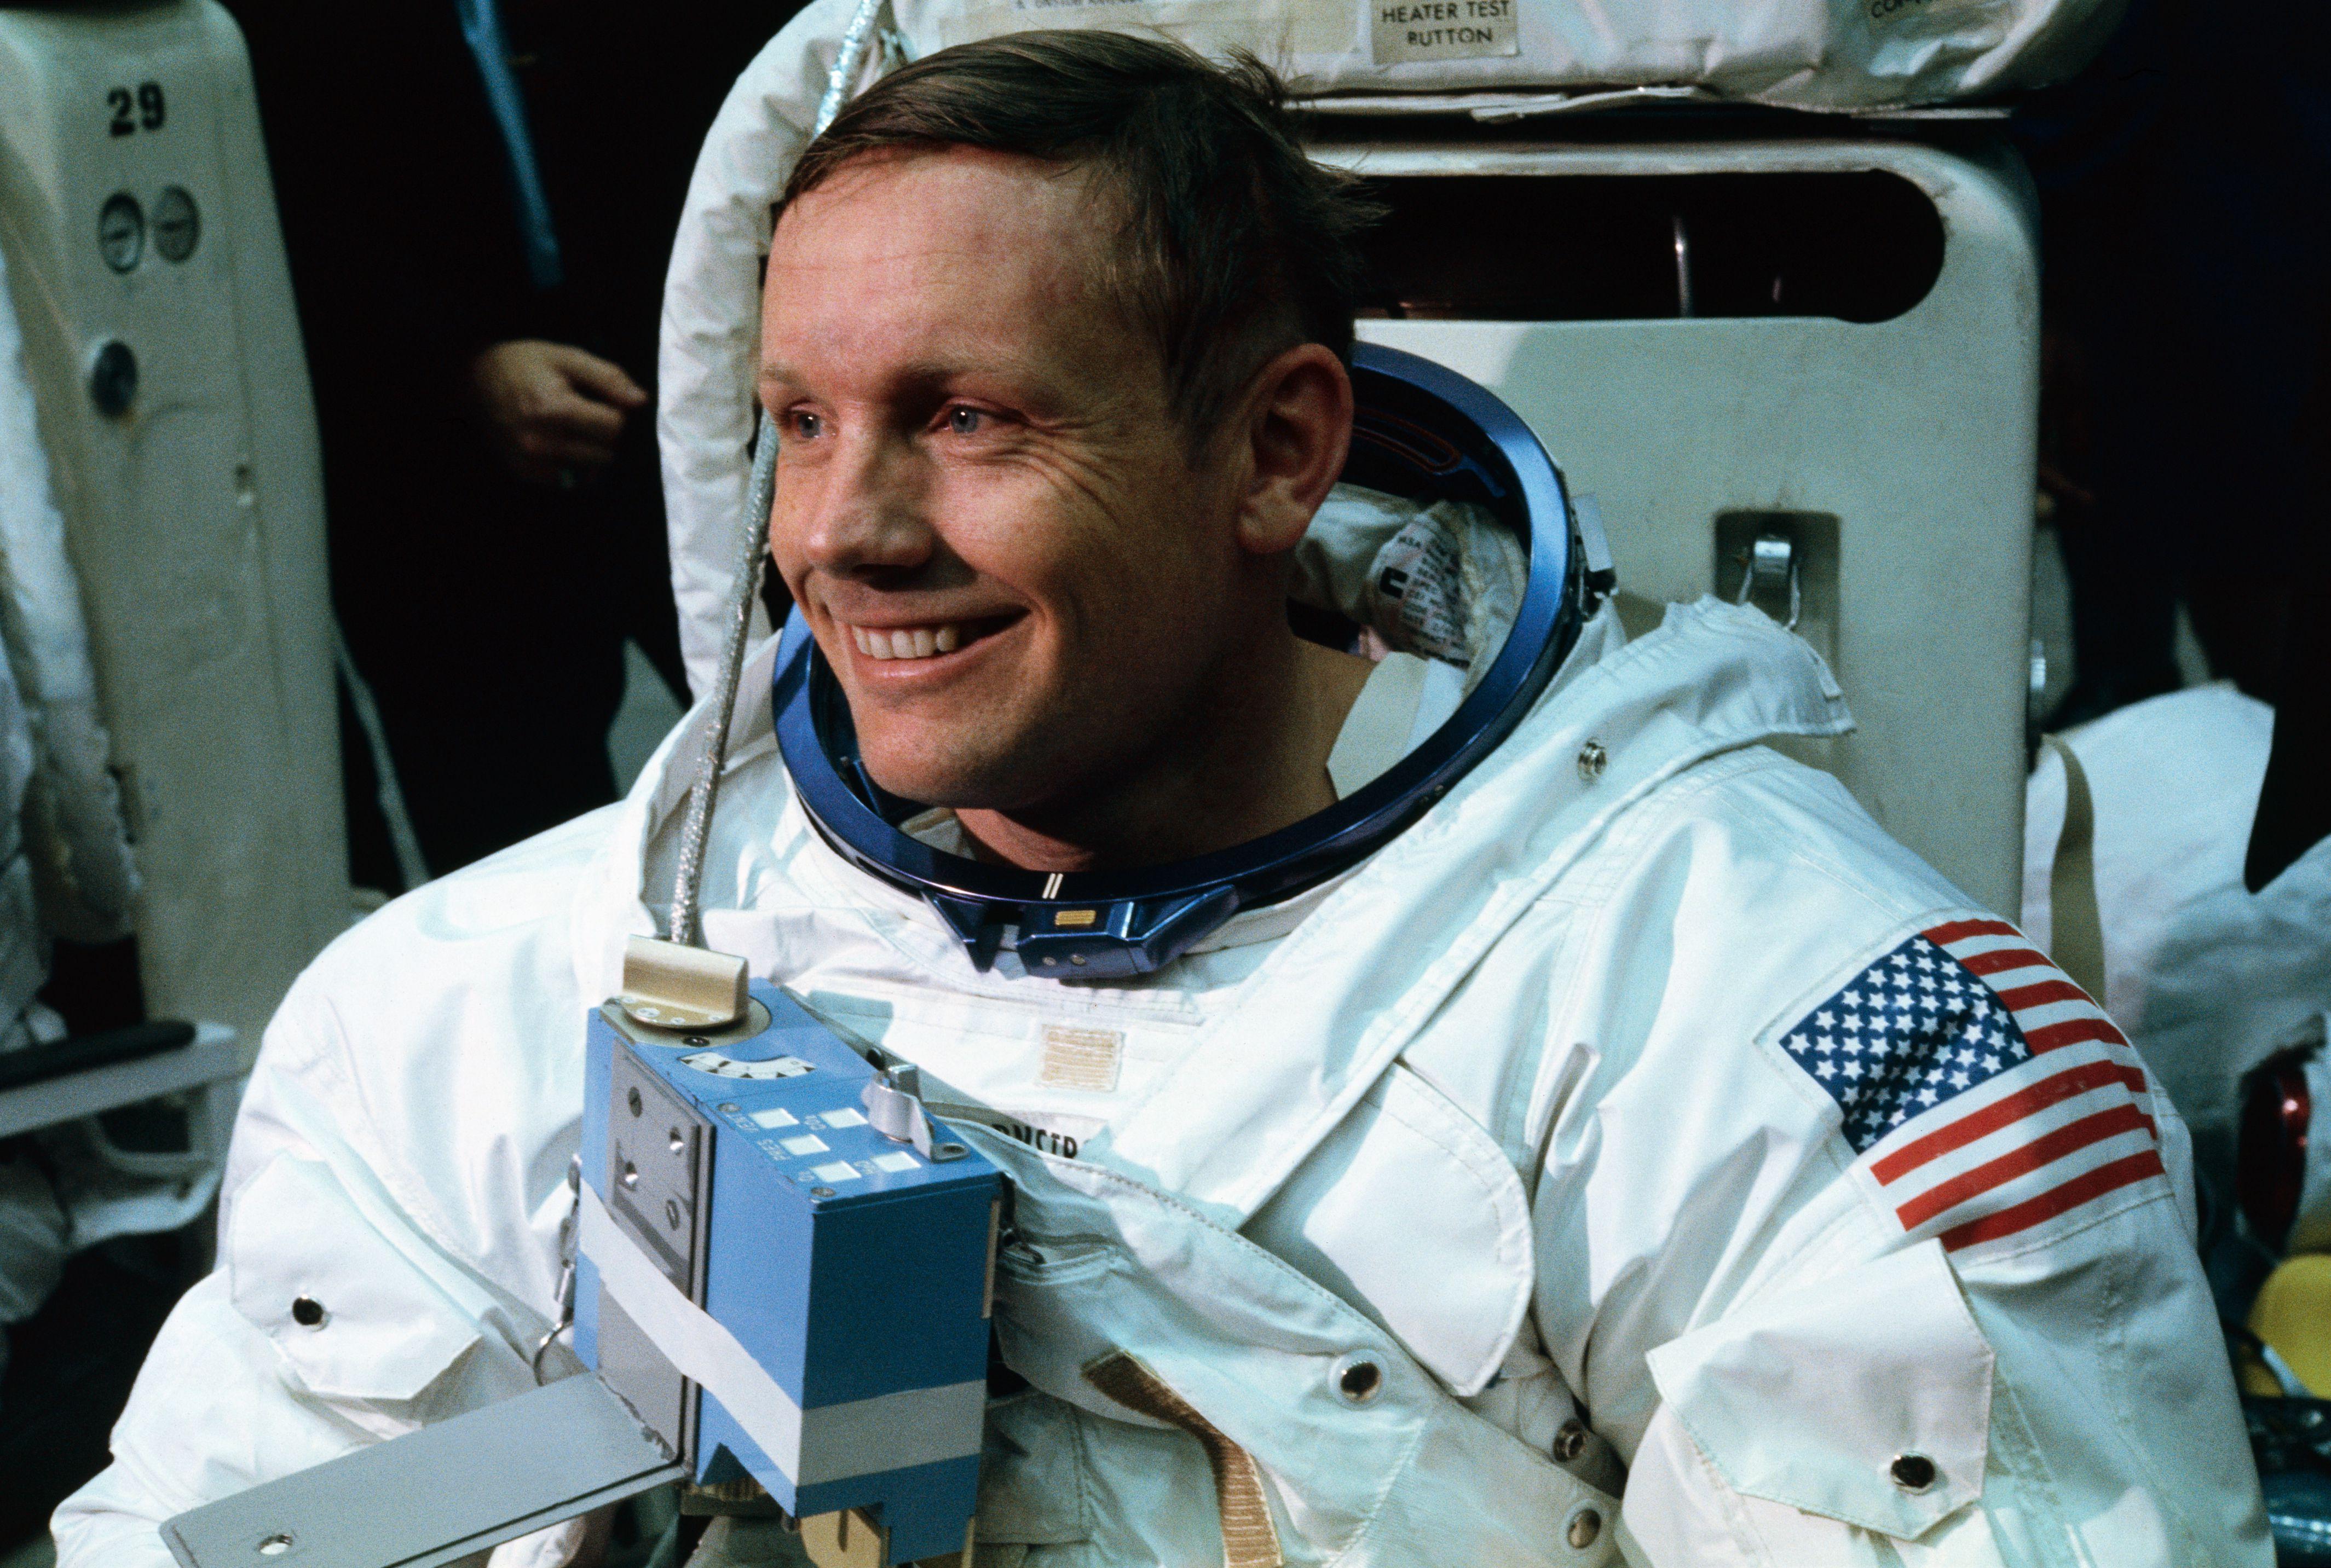 основном инвазии фото космонавта армстронга интересные способы, чтобы